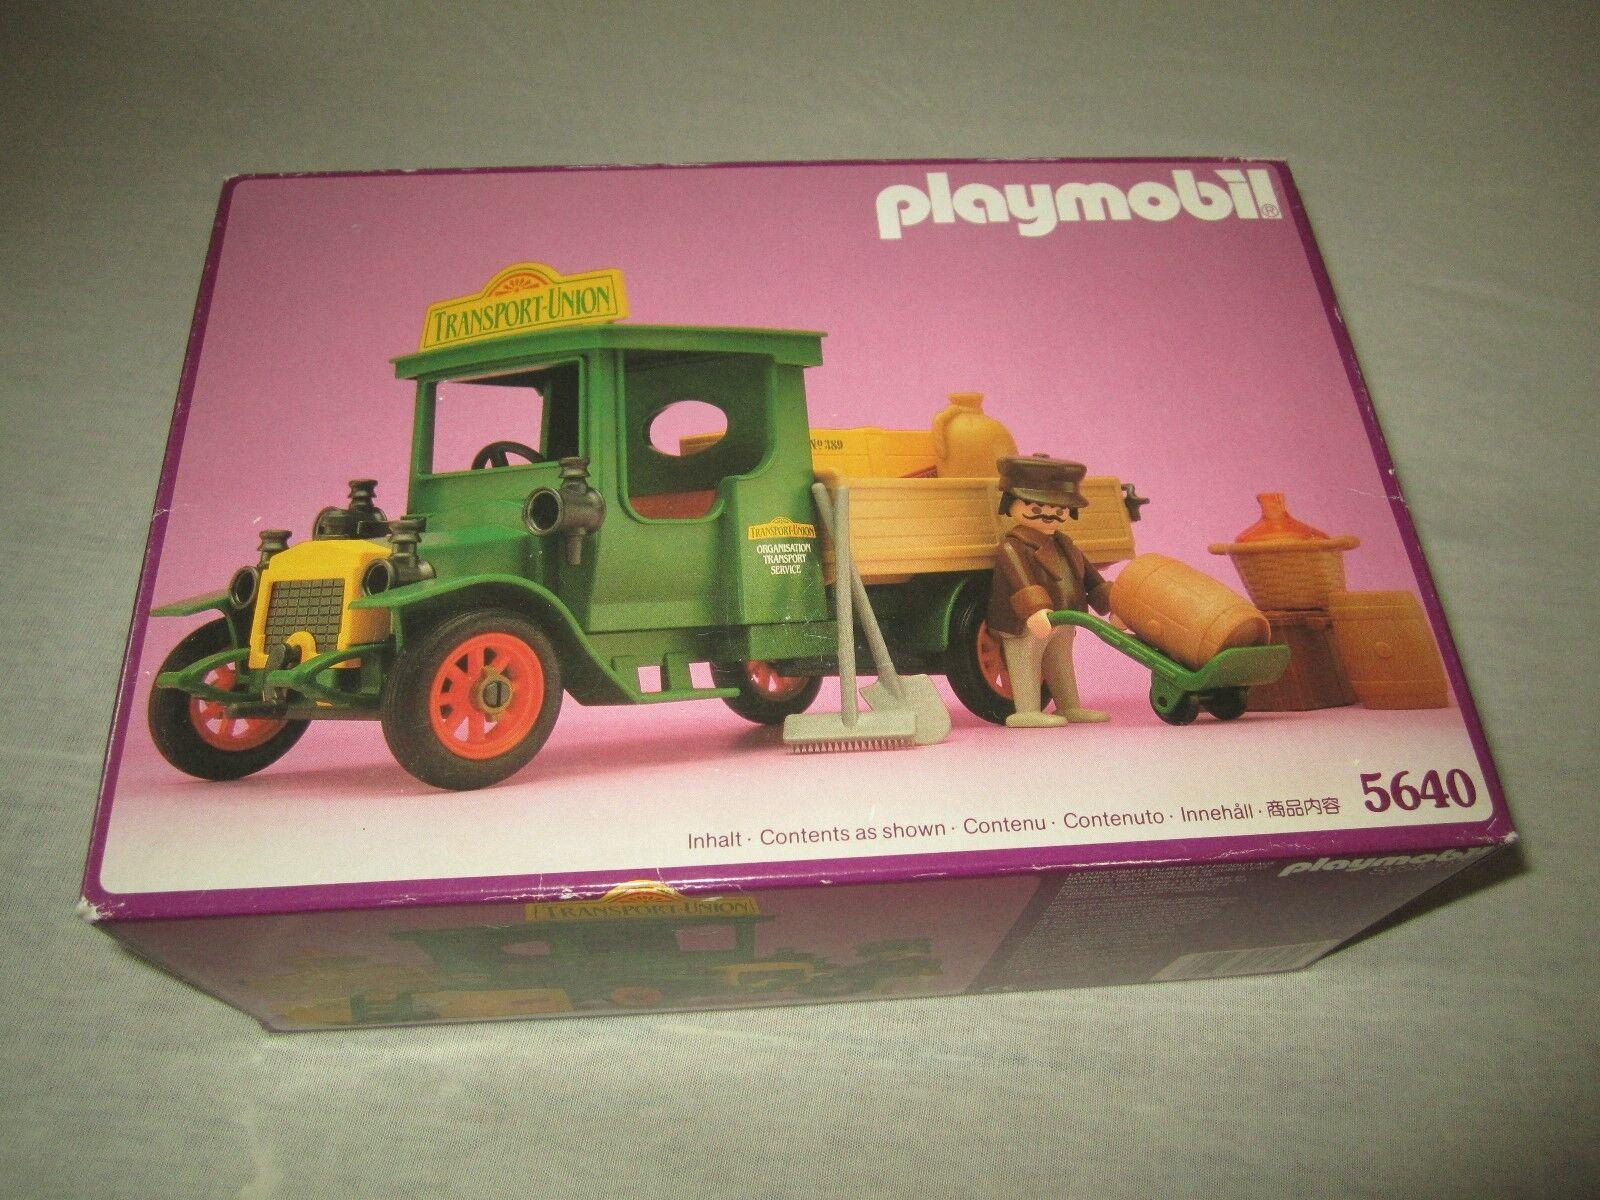 Playmobil nr  5640 victorian nostalgie rose 1900 nouveau neu-5300  Réponses rapides